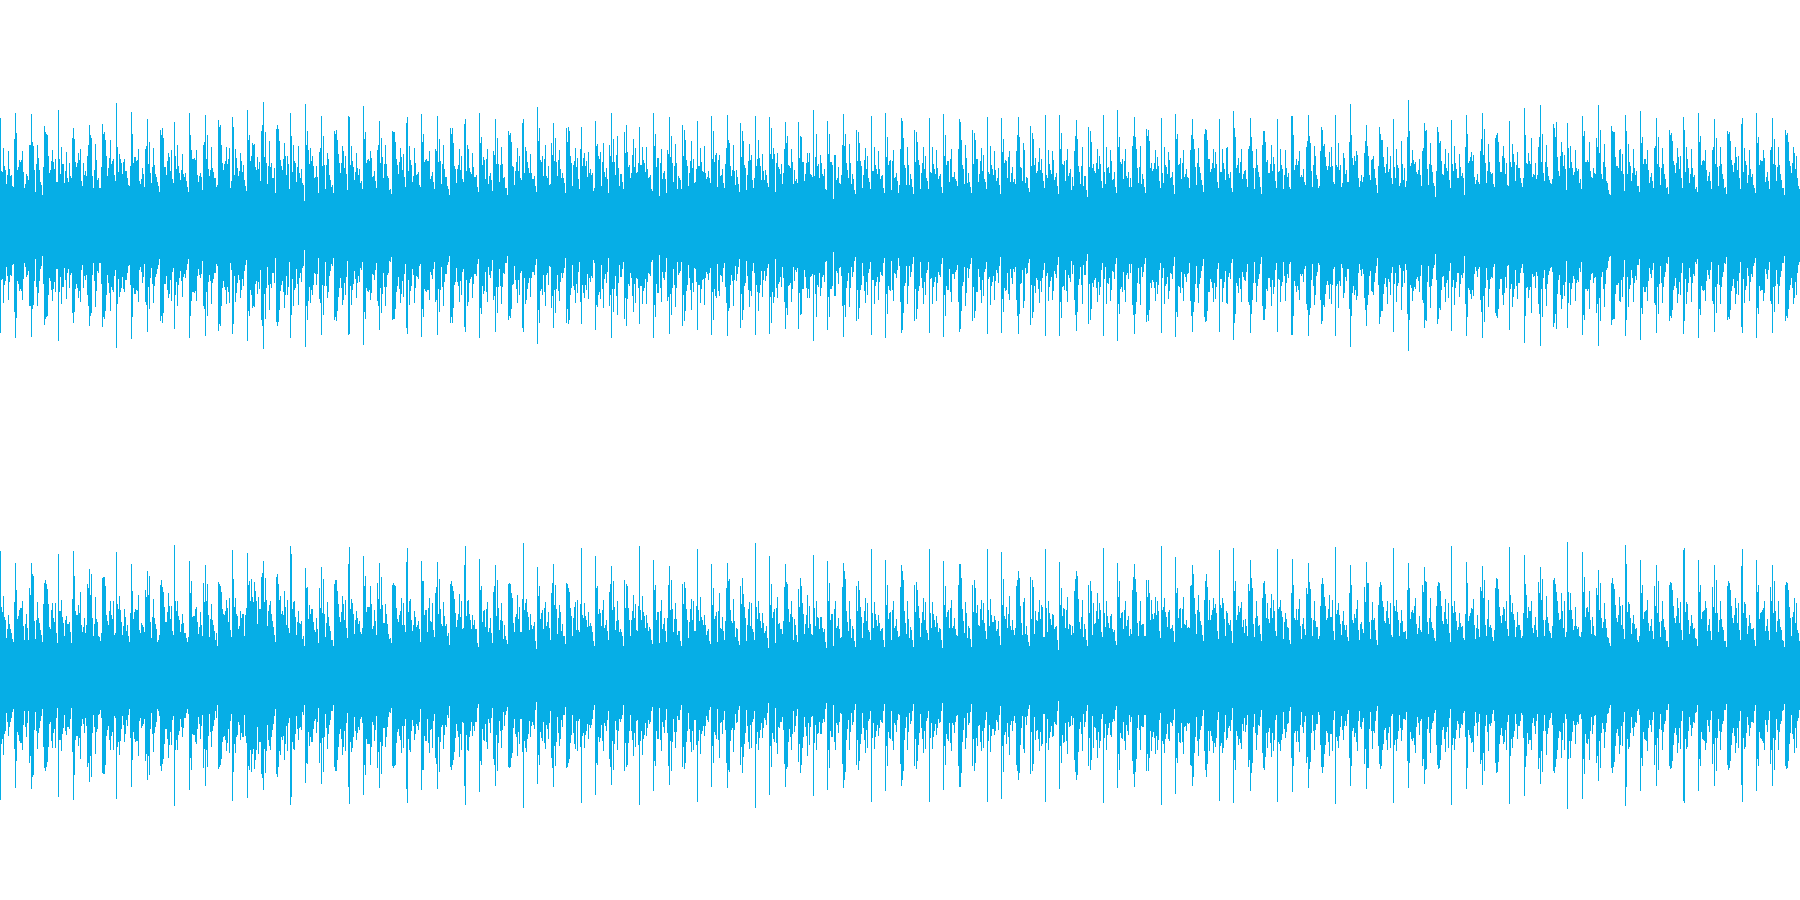 不気味な空間(鼓動)(心音)の再生済みの波形